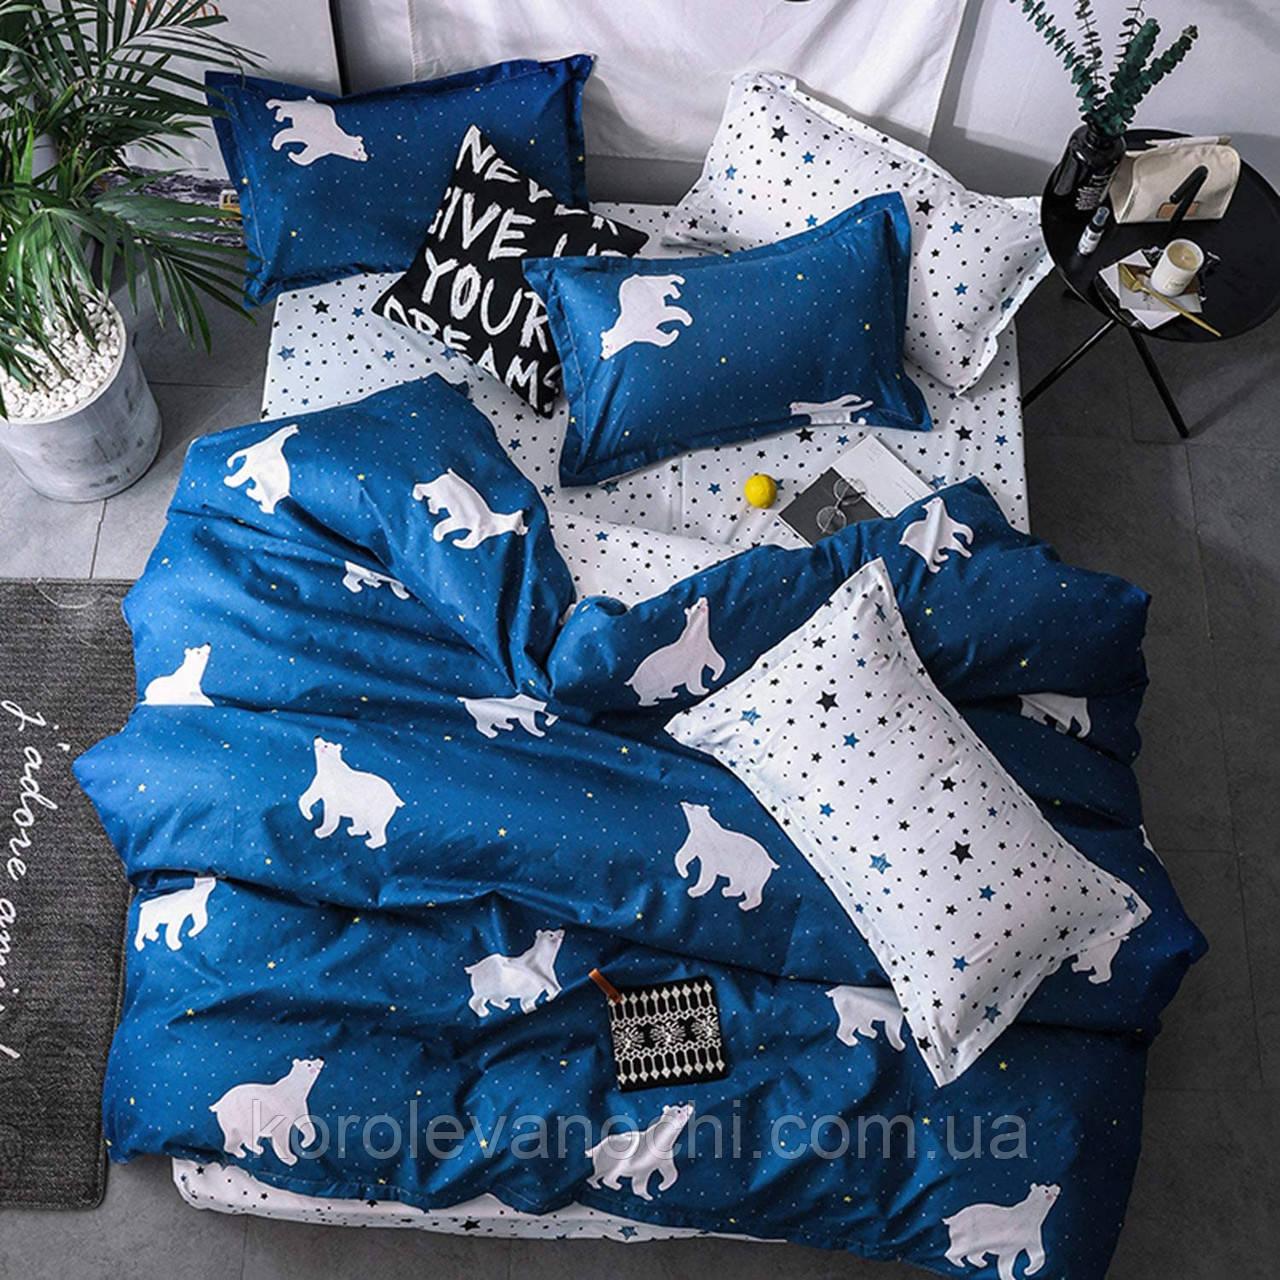 """Двуспальный комплект (Ранфорс)   Постельное белье от производителя """"Королева Ночи""""   Белые медведи на синем"""